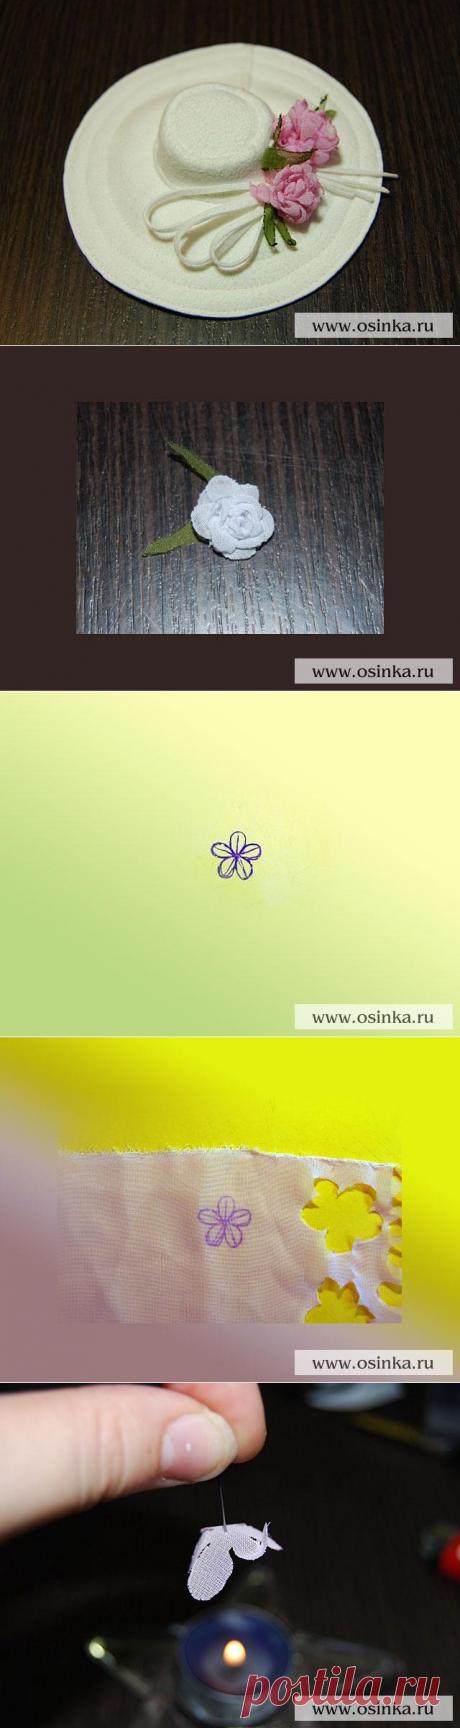 Миниатюрныt цветочки от Емельяновой Яны